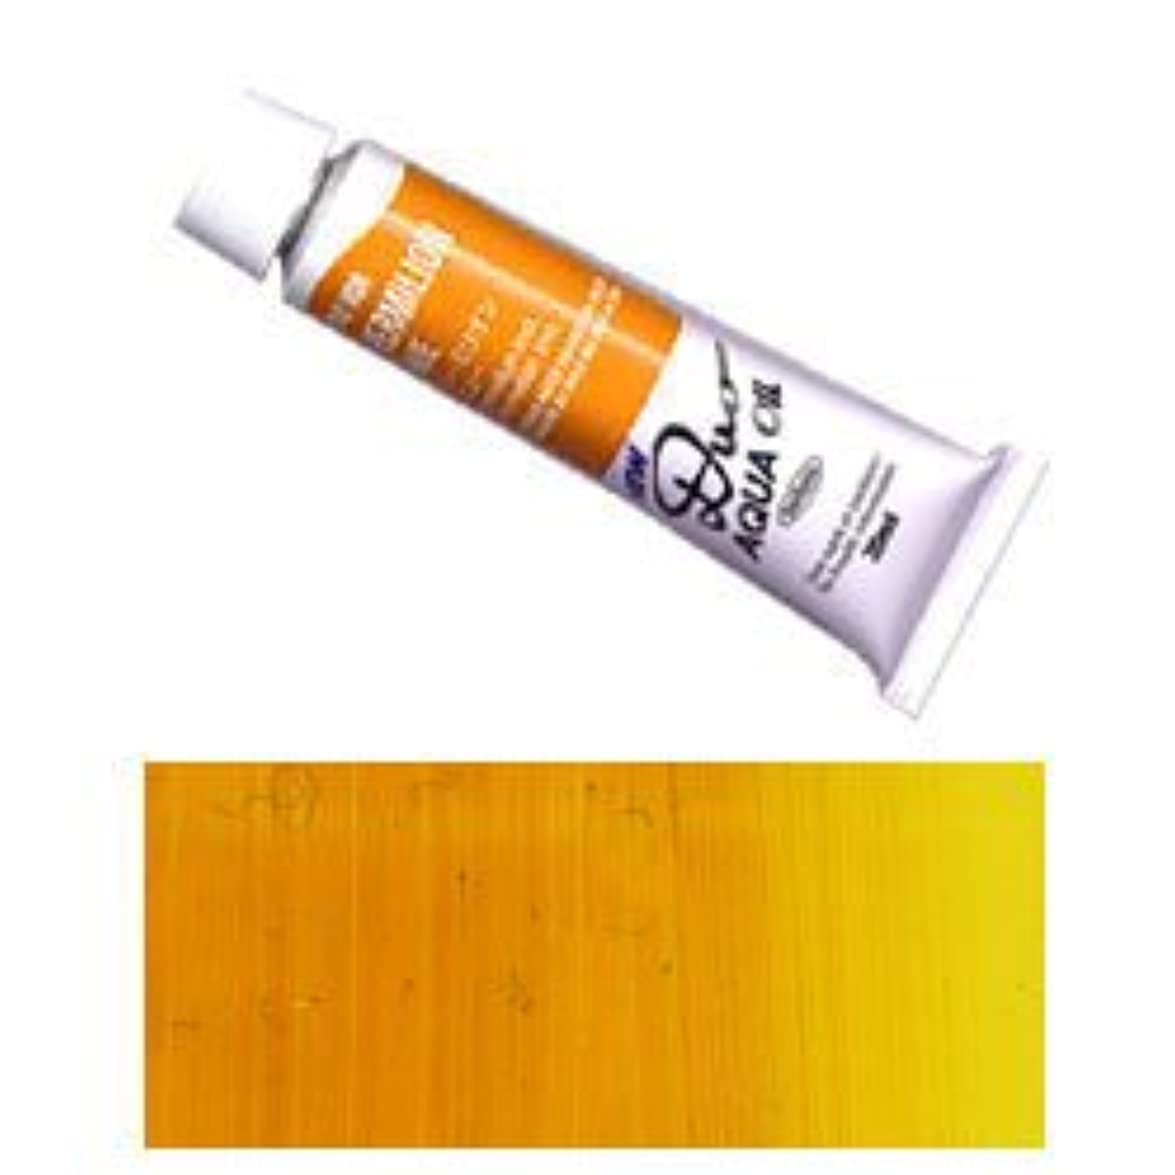 くびれた究極のどちらかDUO ホルベイン アクアオイルカラー デュオ 油絵の具 (水可溶性) 6号 (20ml) インデアンイエロー